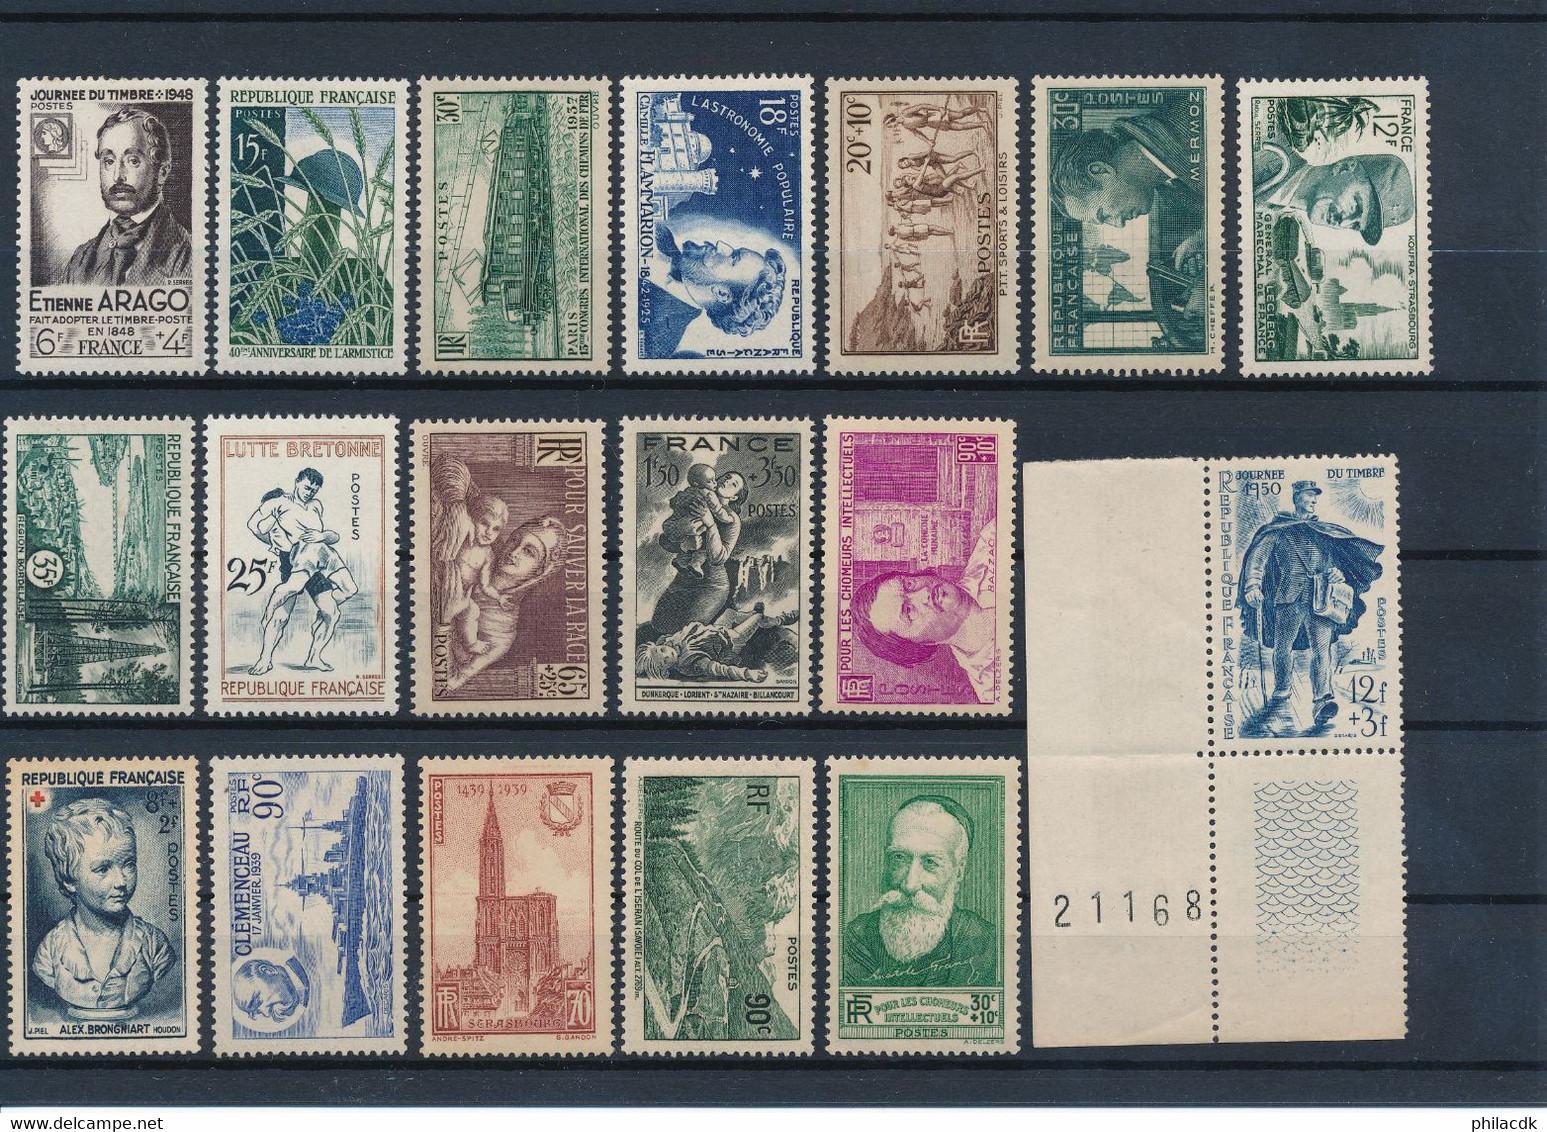 FRANCE - BEAU LOT DE 423 TIMBRES NEUFS** SANS CHARNIERE - VOIR SCANNS - Collections